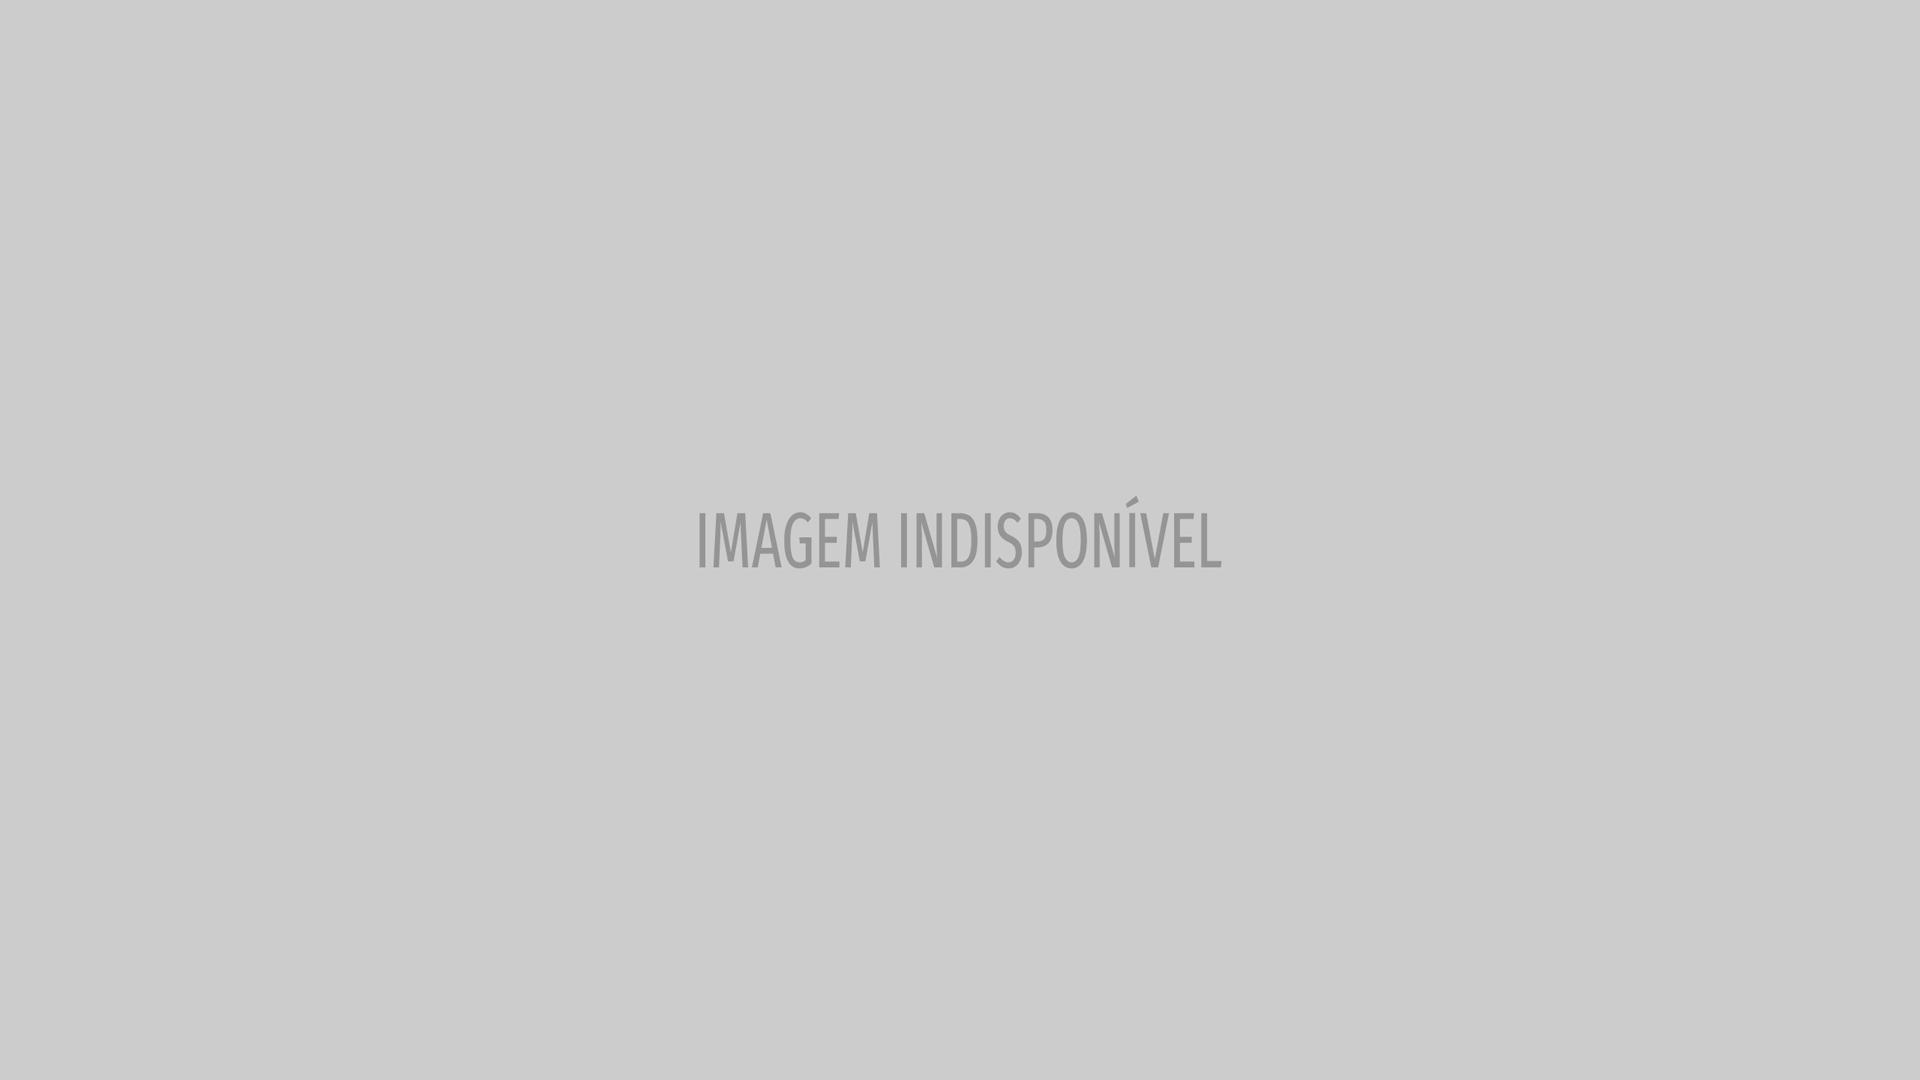 Músculos de Cavill atrapalharam o uso do figurino em 'The Witcher'